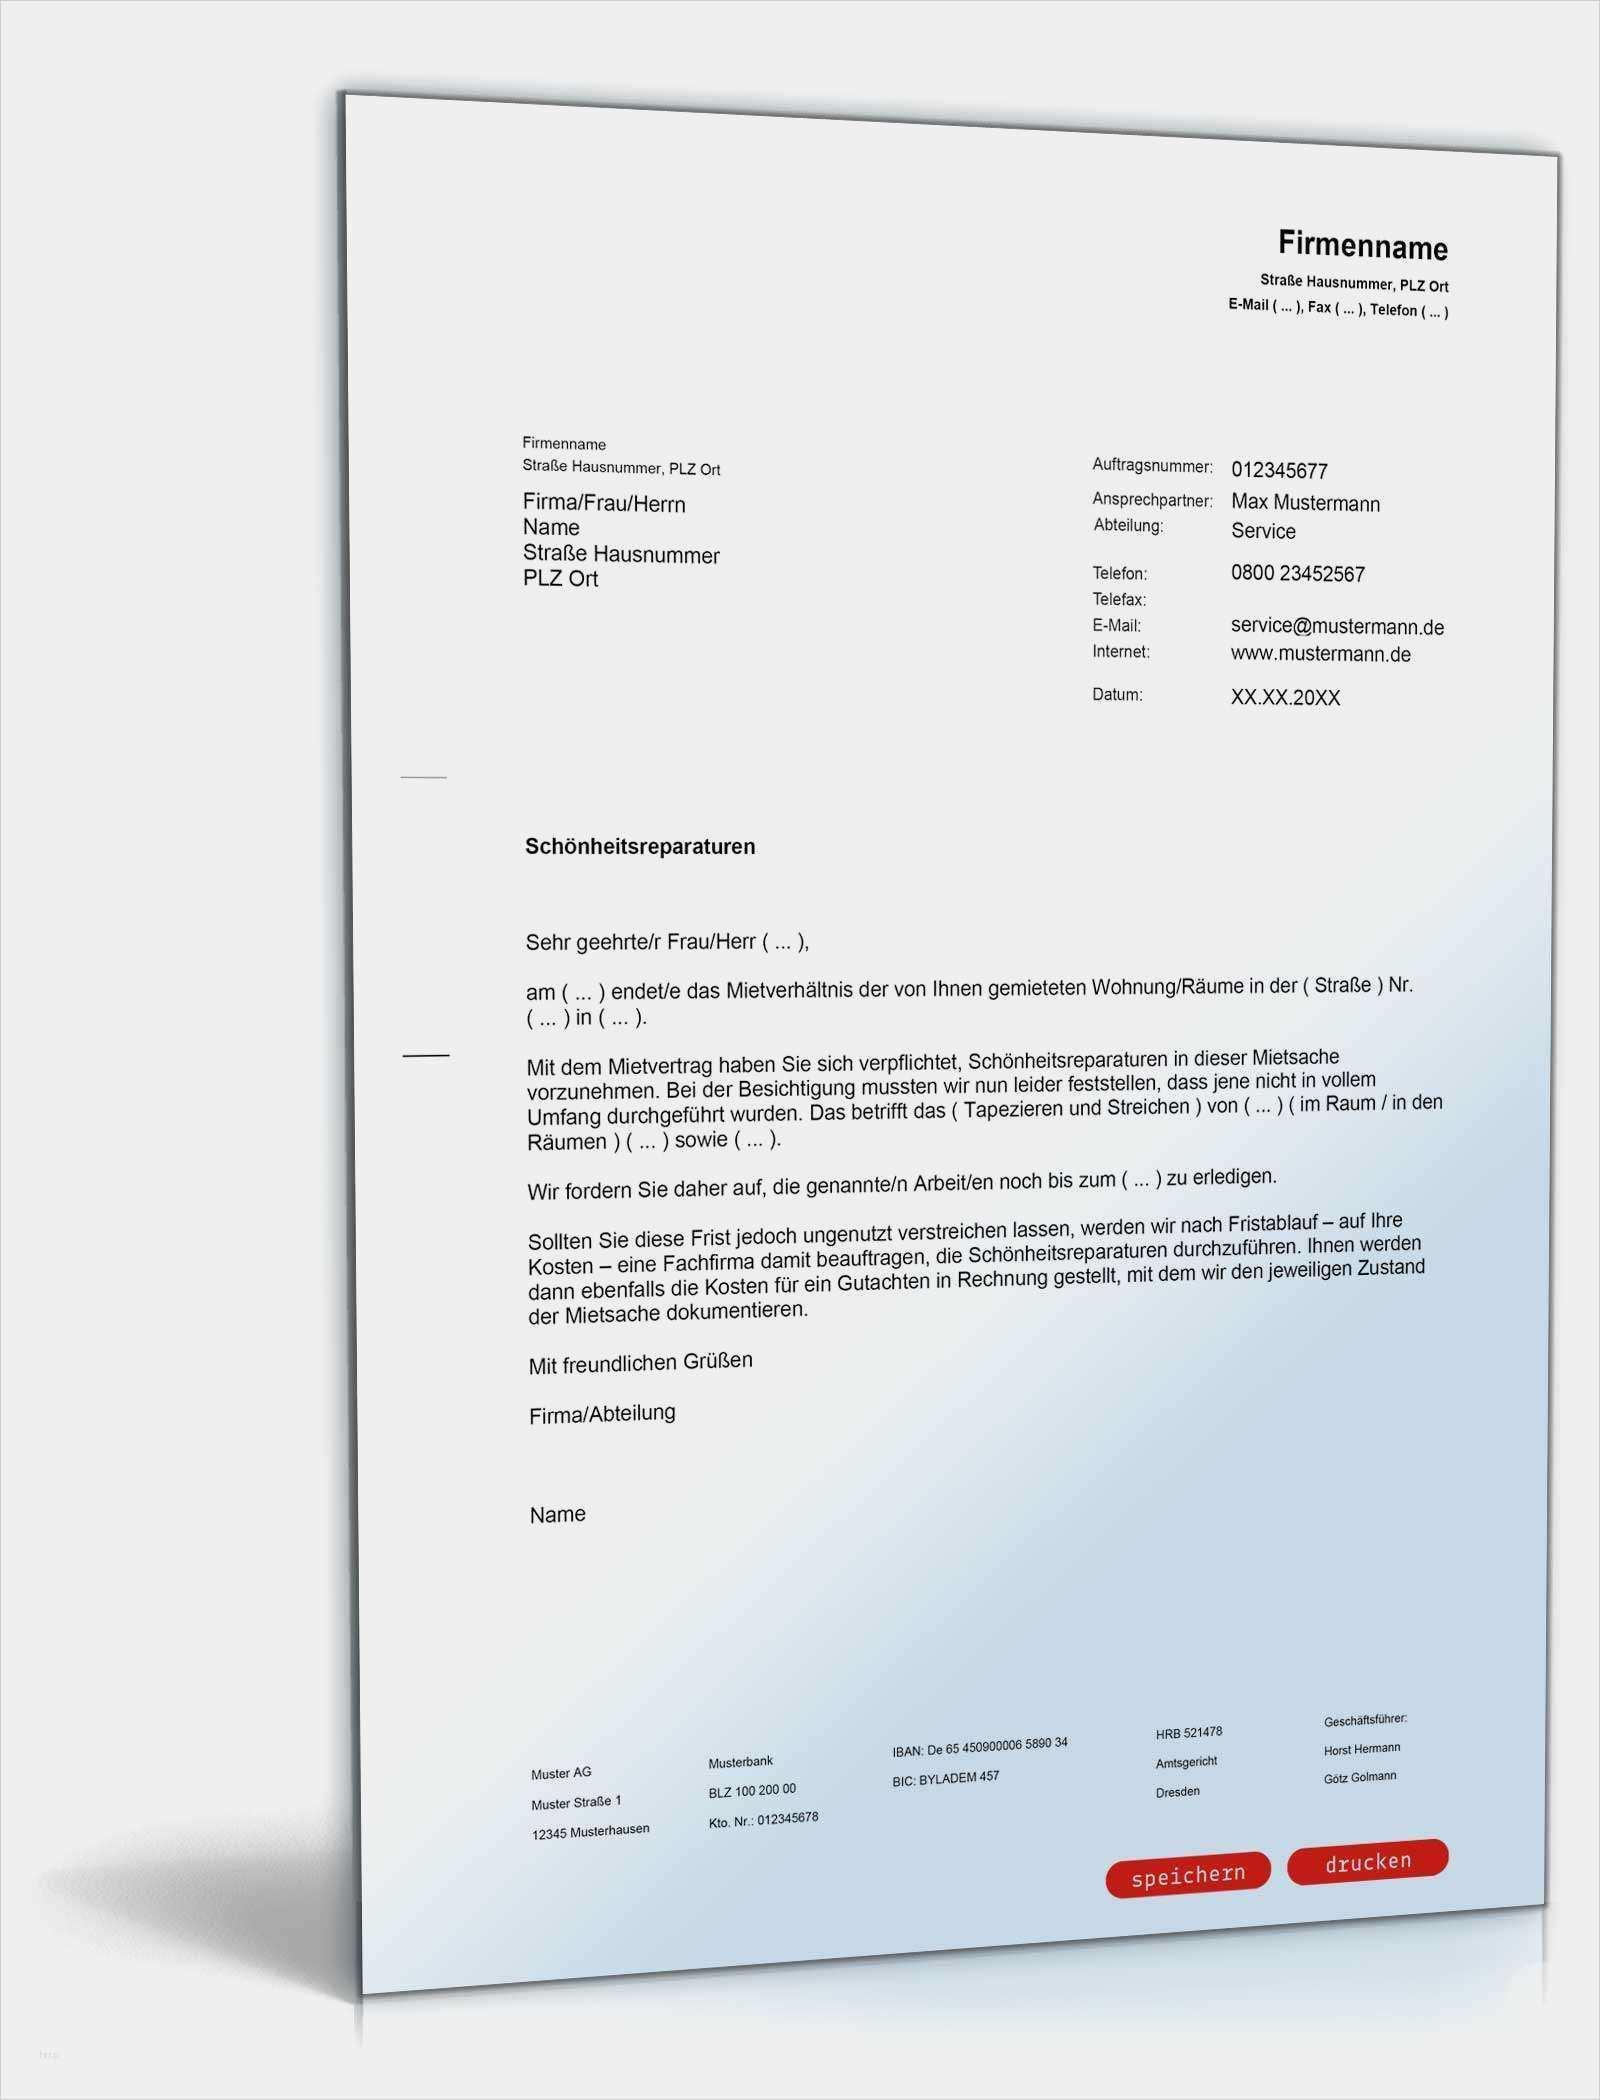 38 Hubsch Visum Abgelehnt Widerspruch Vorlage Abbildung Etikettenvorlagen Vorlagen Word Rechnung Vorlage